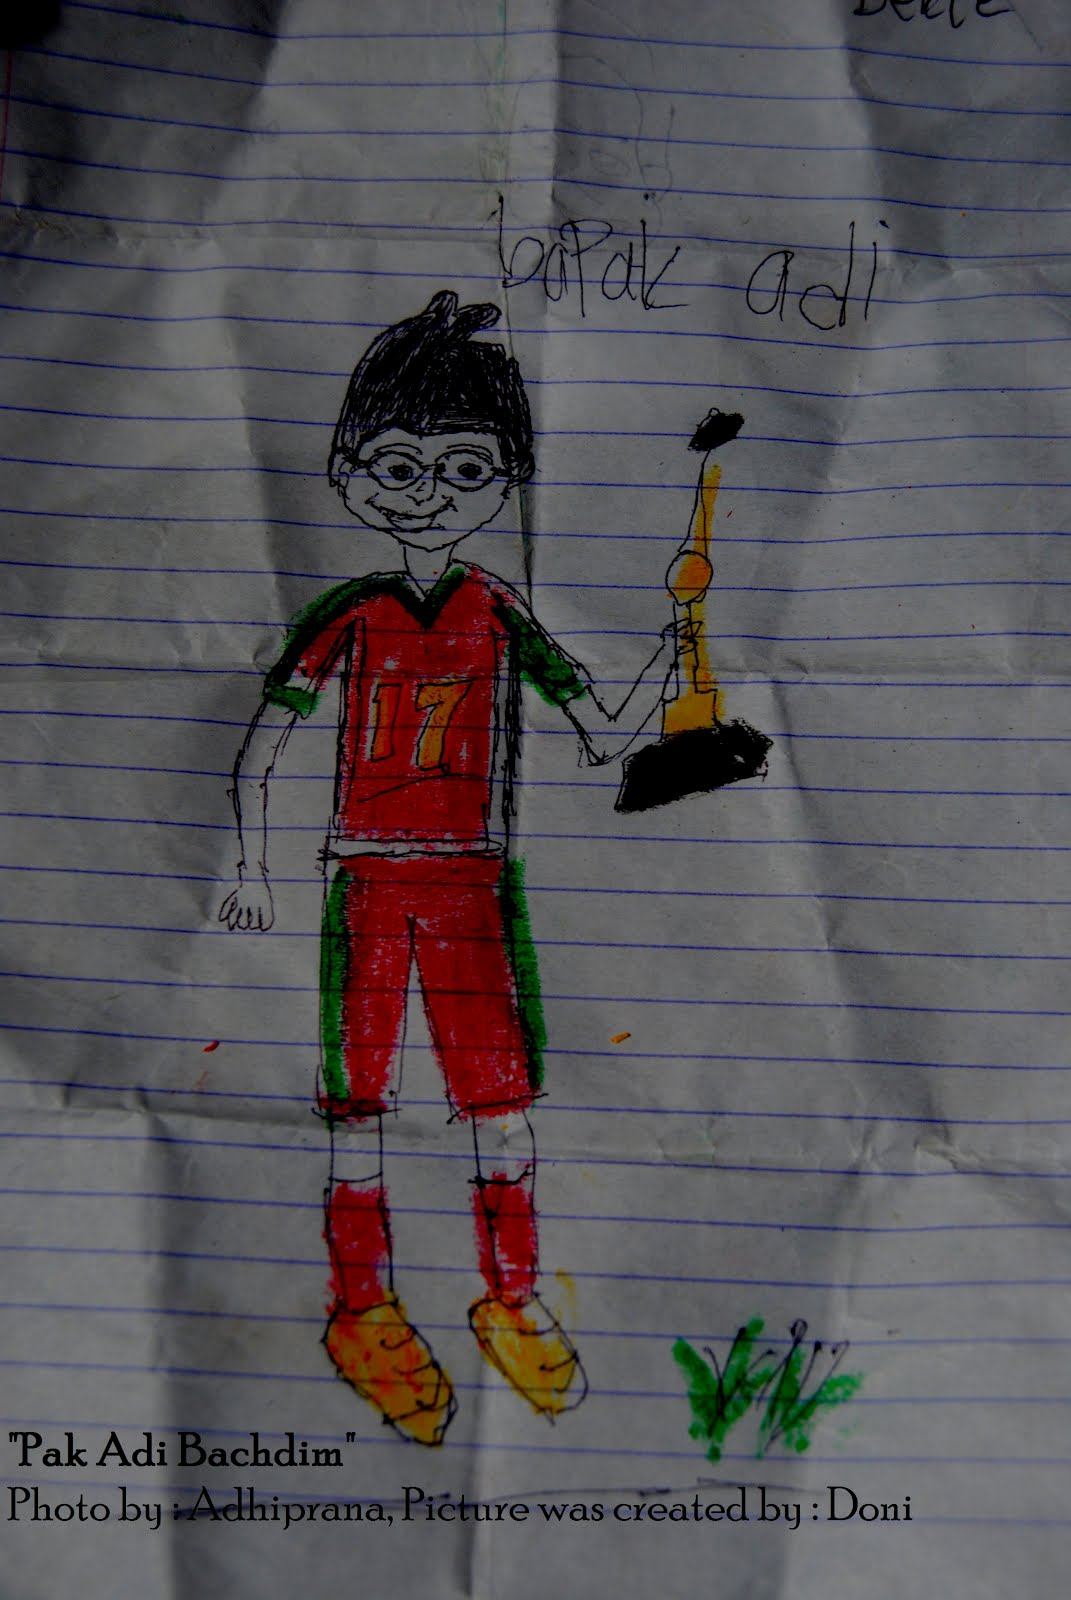 Aku jadi teringat ketika aku kecil aku juga sering menggambar teman teman dan guru guruku di dalam kelas Temanku senang aku gambar tidak dengan guruku